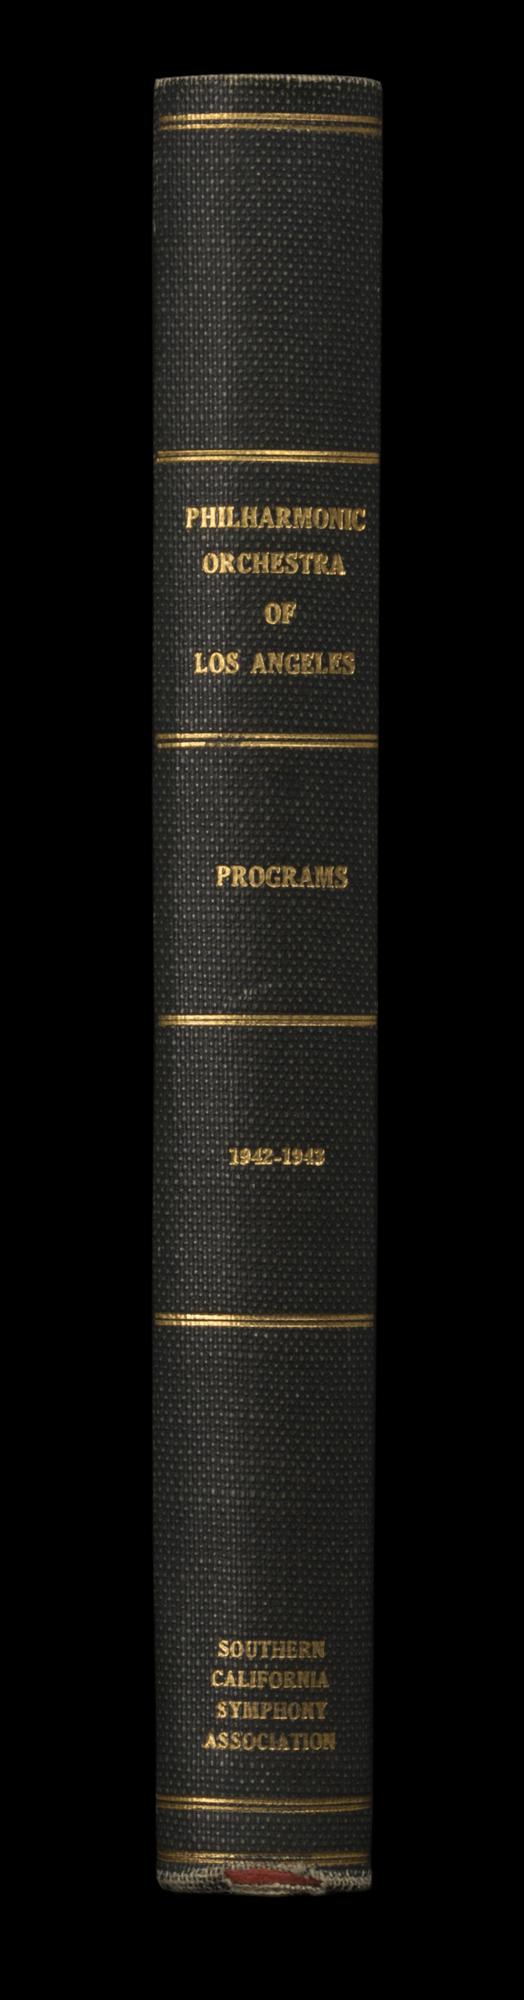 LAPO_ProgramBook_Spine_1942-1943.jpg